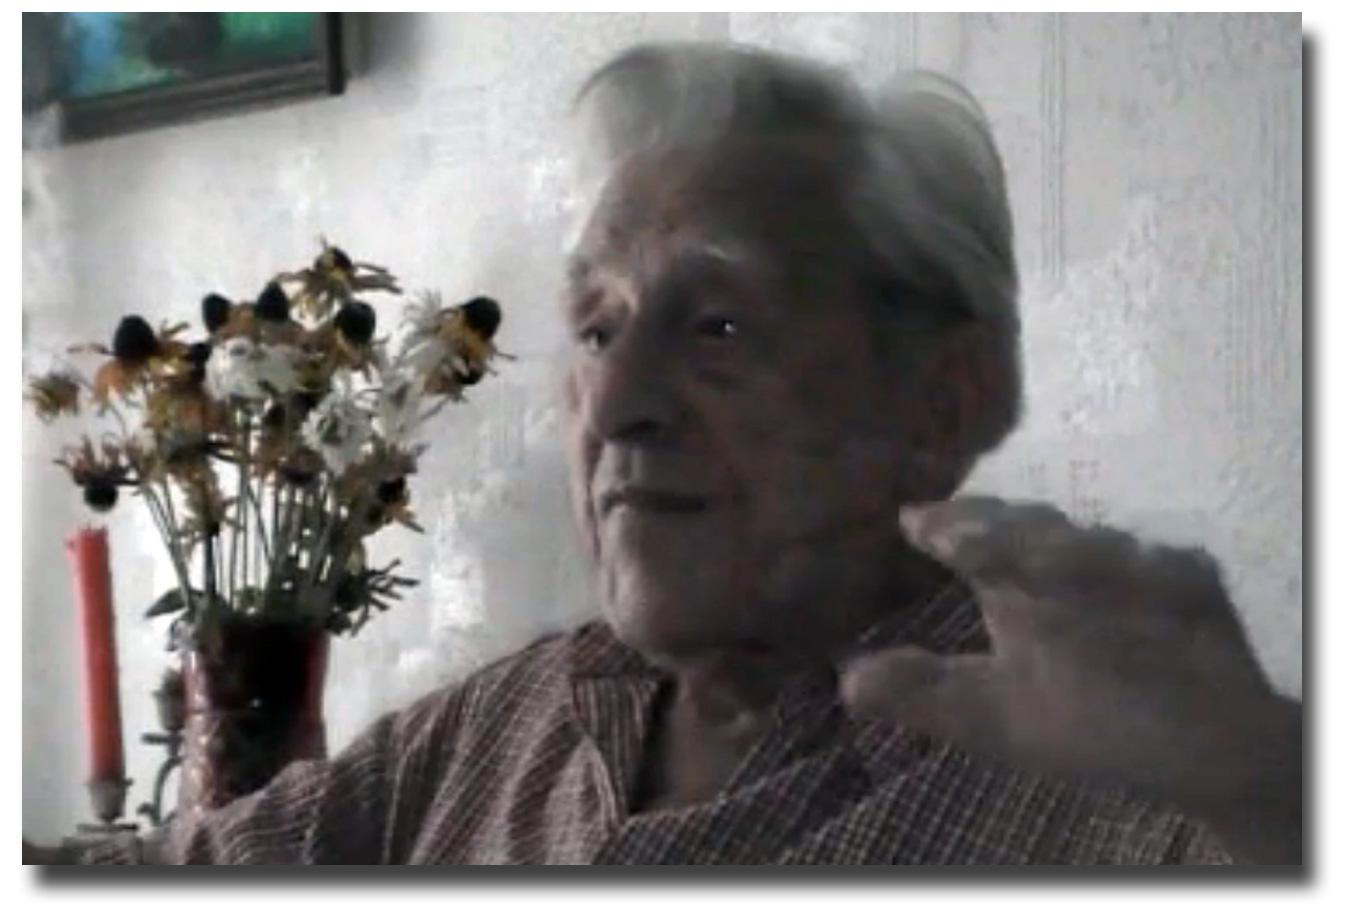 Zdjęcie pobrano z kresy-syberia.org